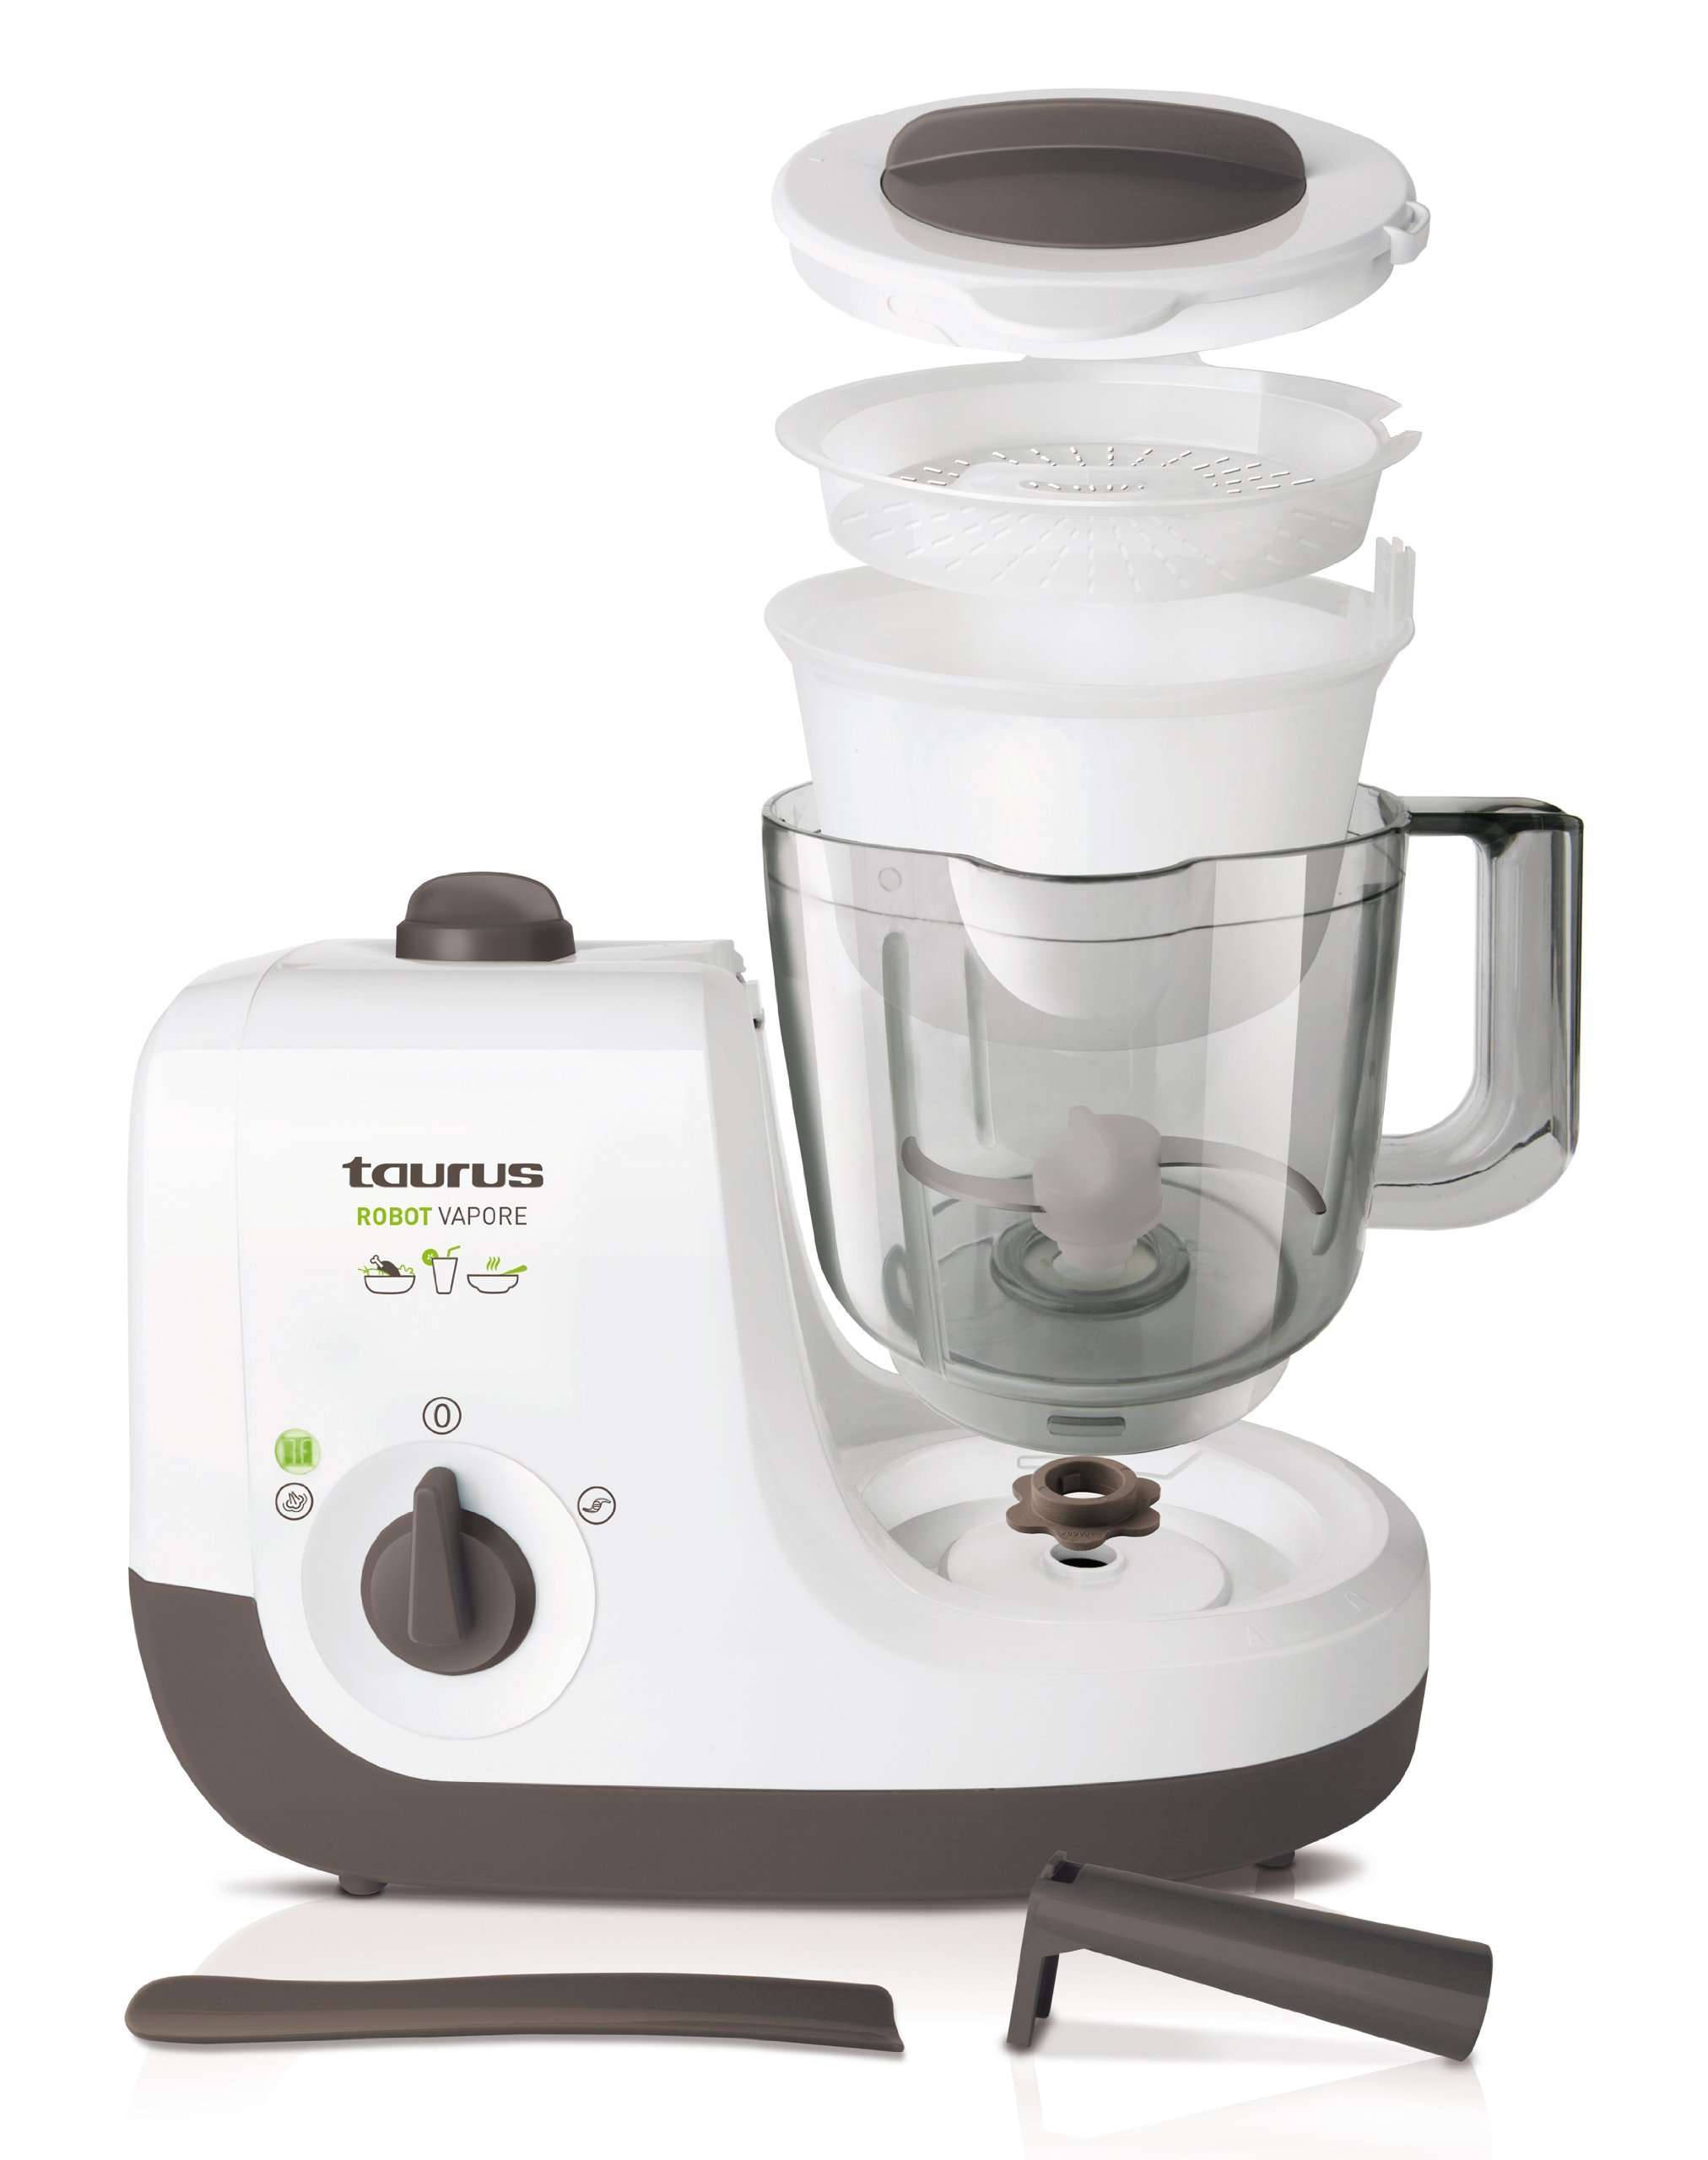 Taurus Robot Vapore - Robot de cocina al vapor (Reacondicionado Certificado): Amazon.es: Hogar